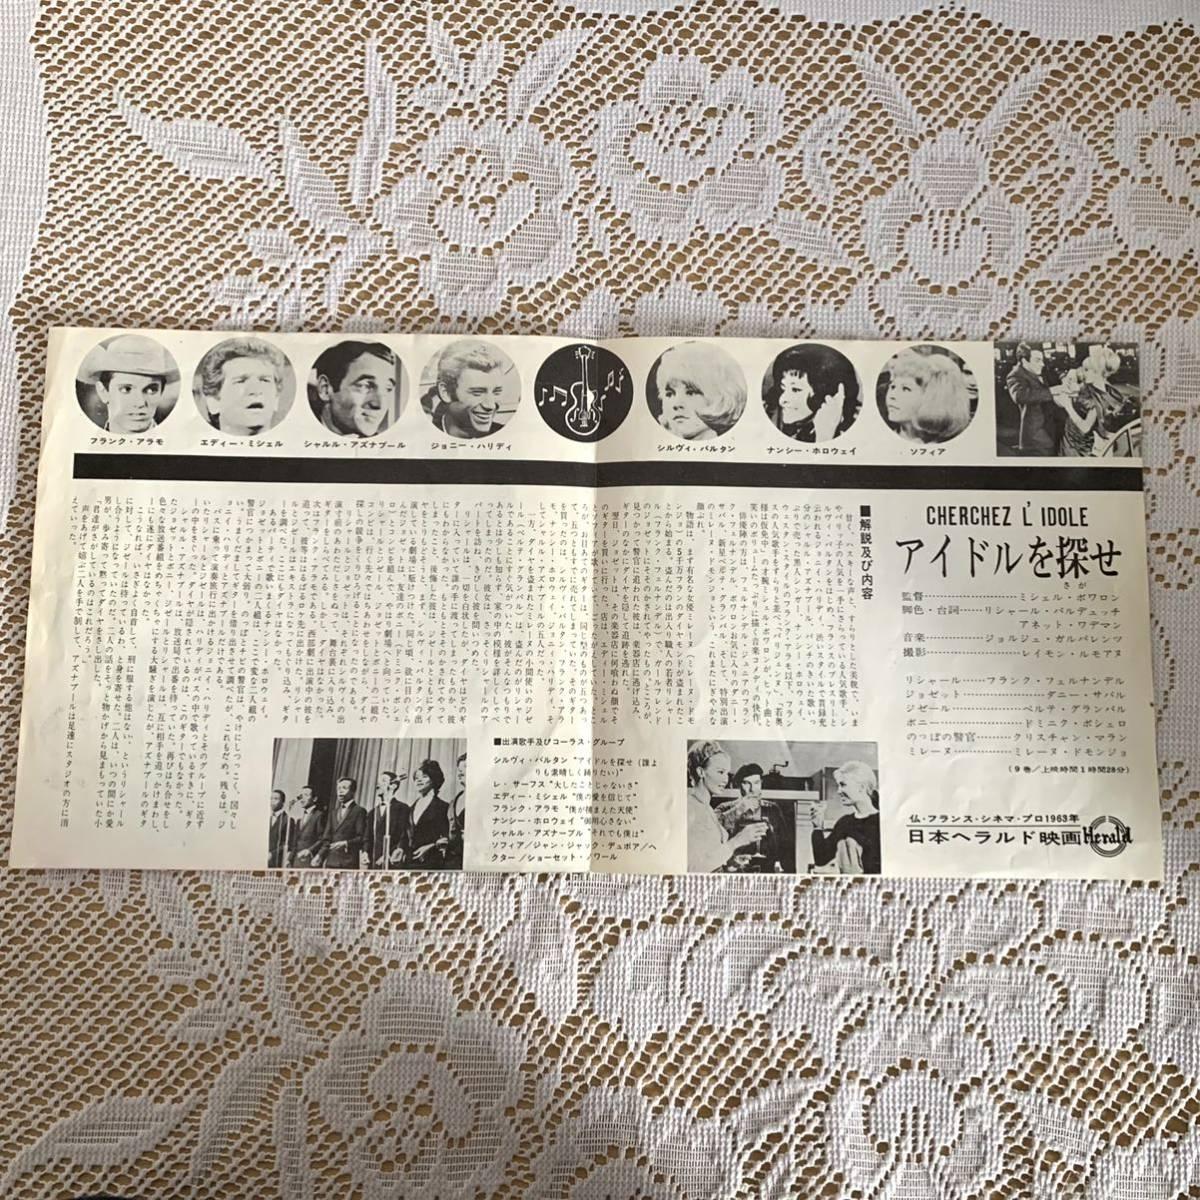 EPレコード 『アイドルを探せ』シルヴィ・バルタン